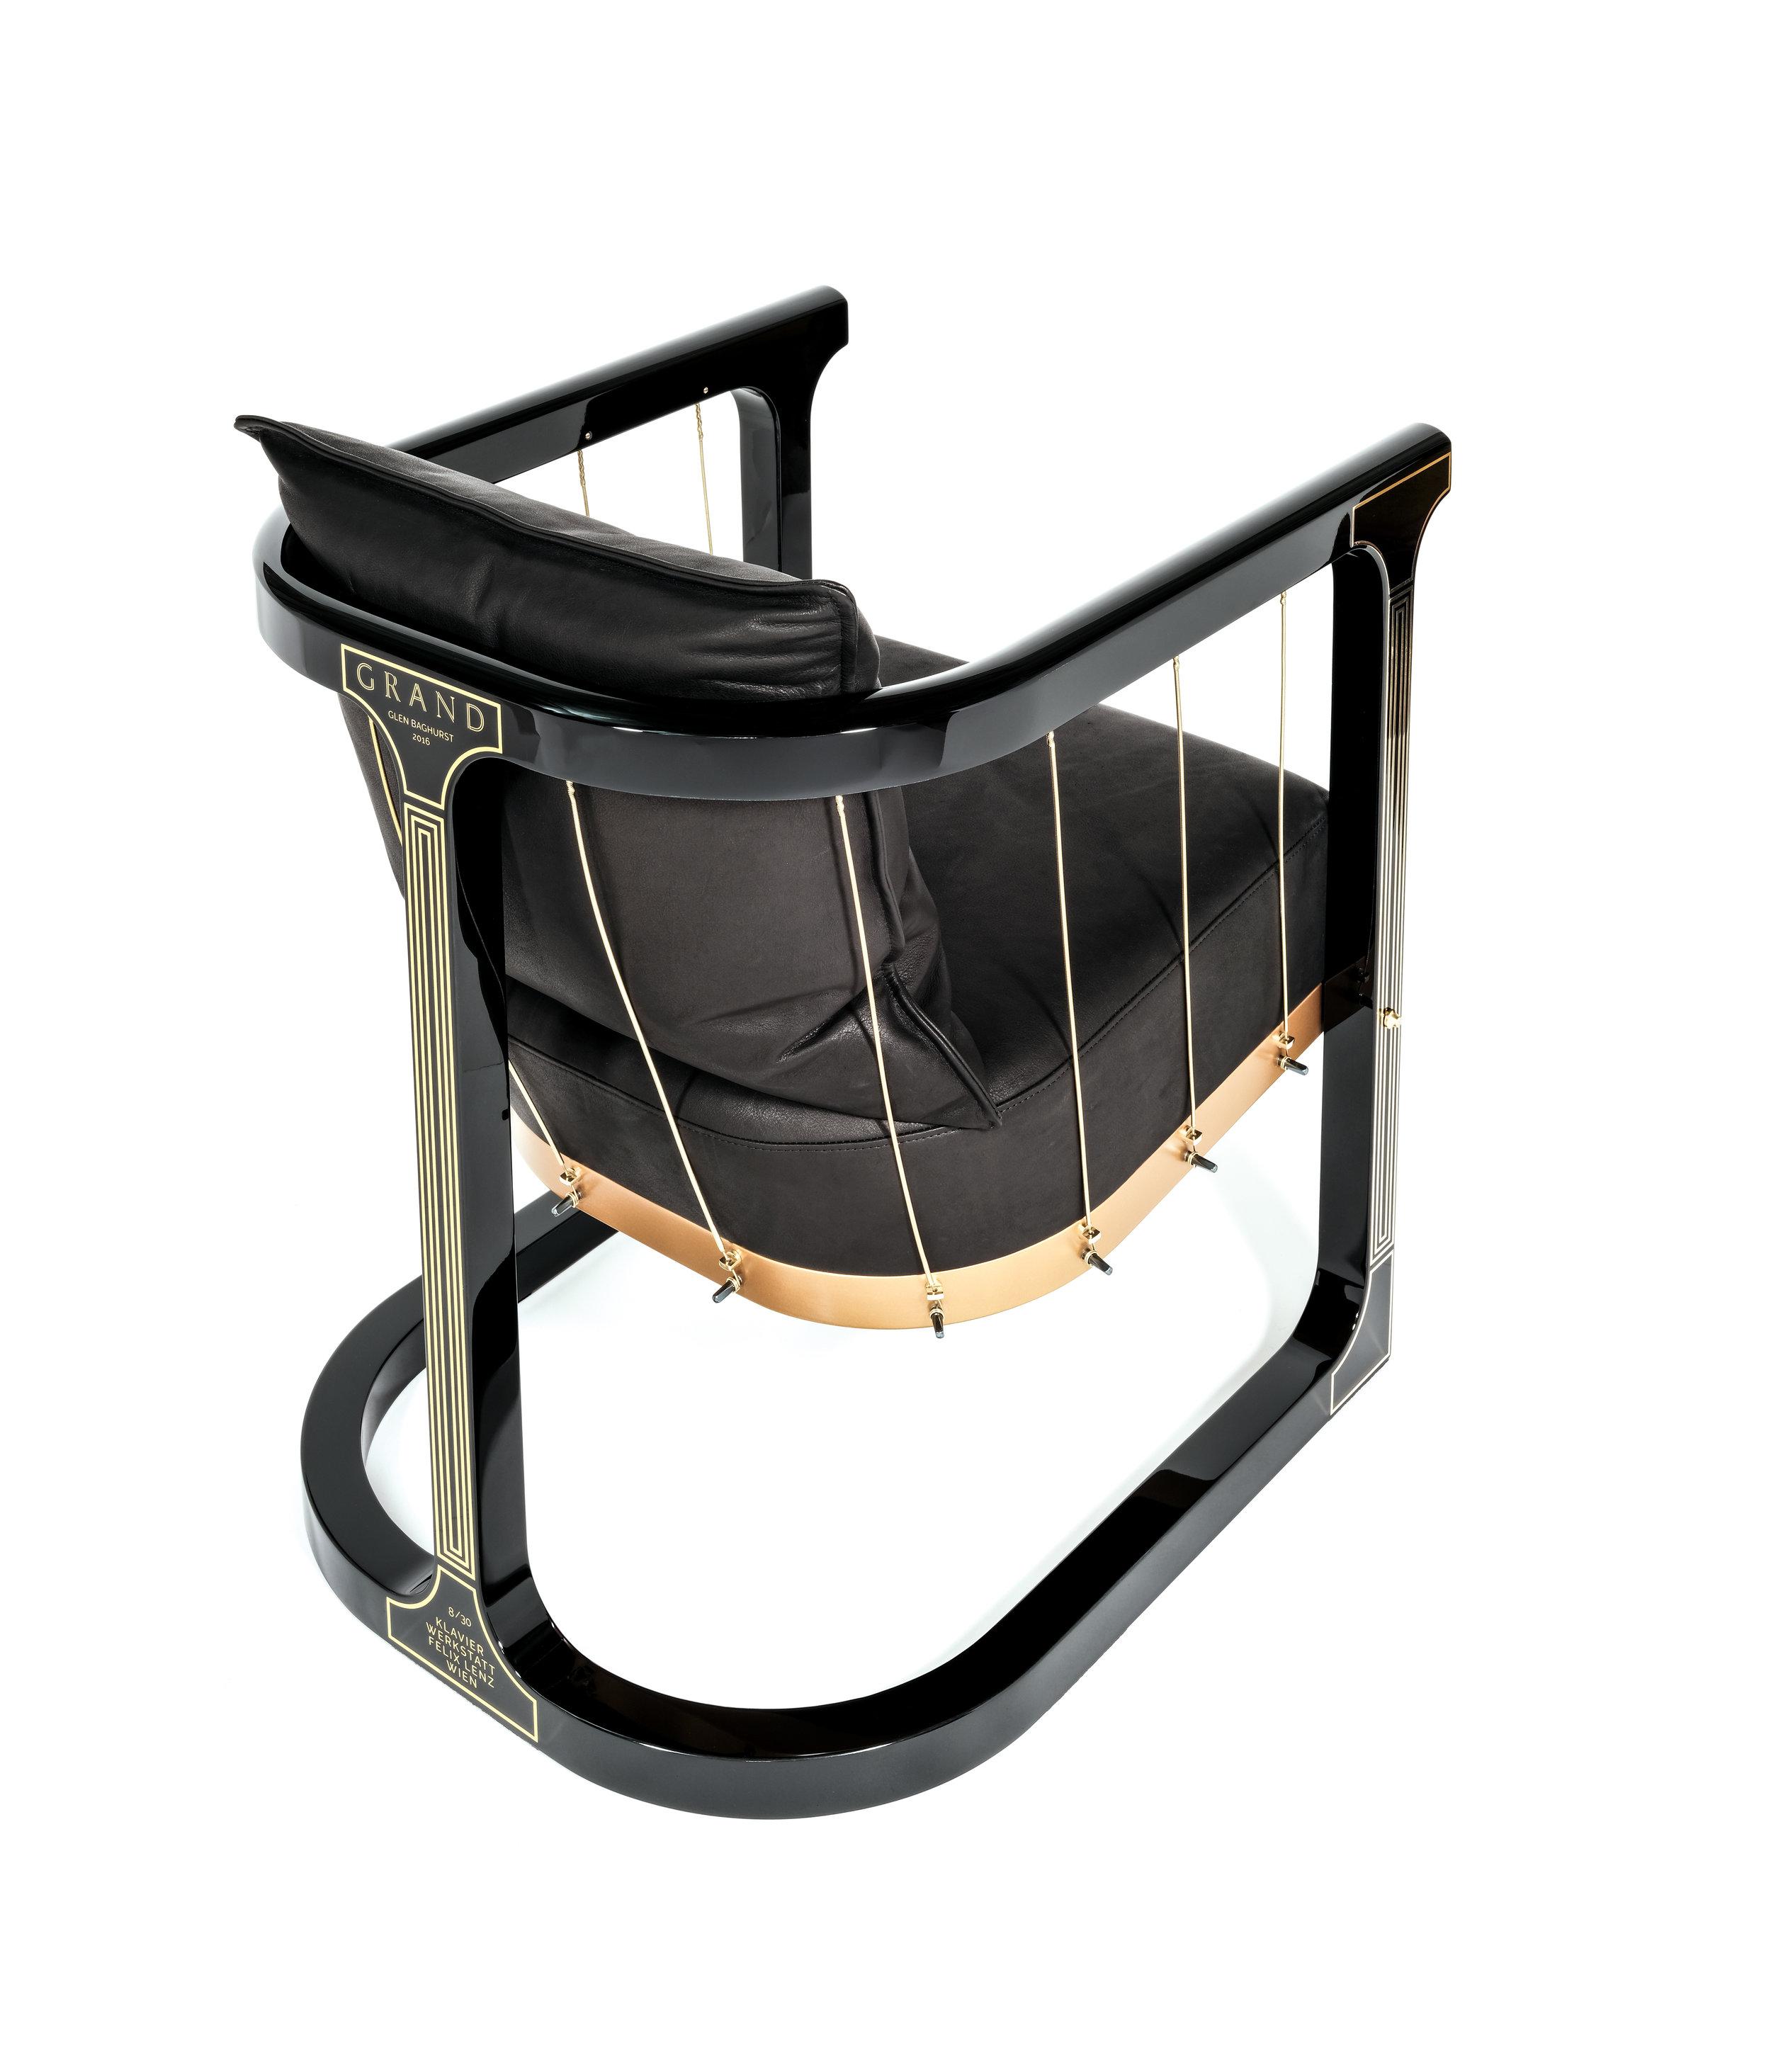 grand_armchair_glenbaghurst_lowres_1.jpg